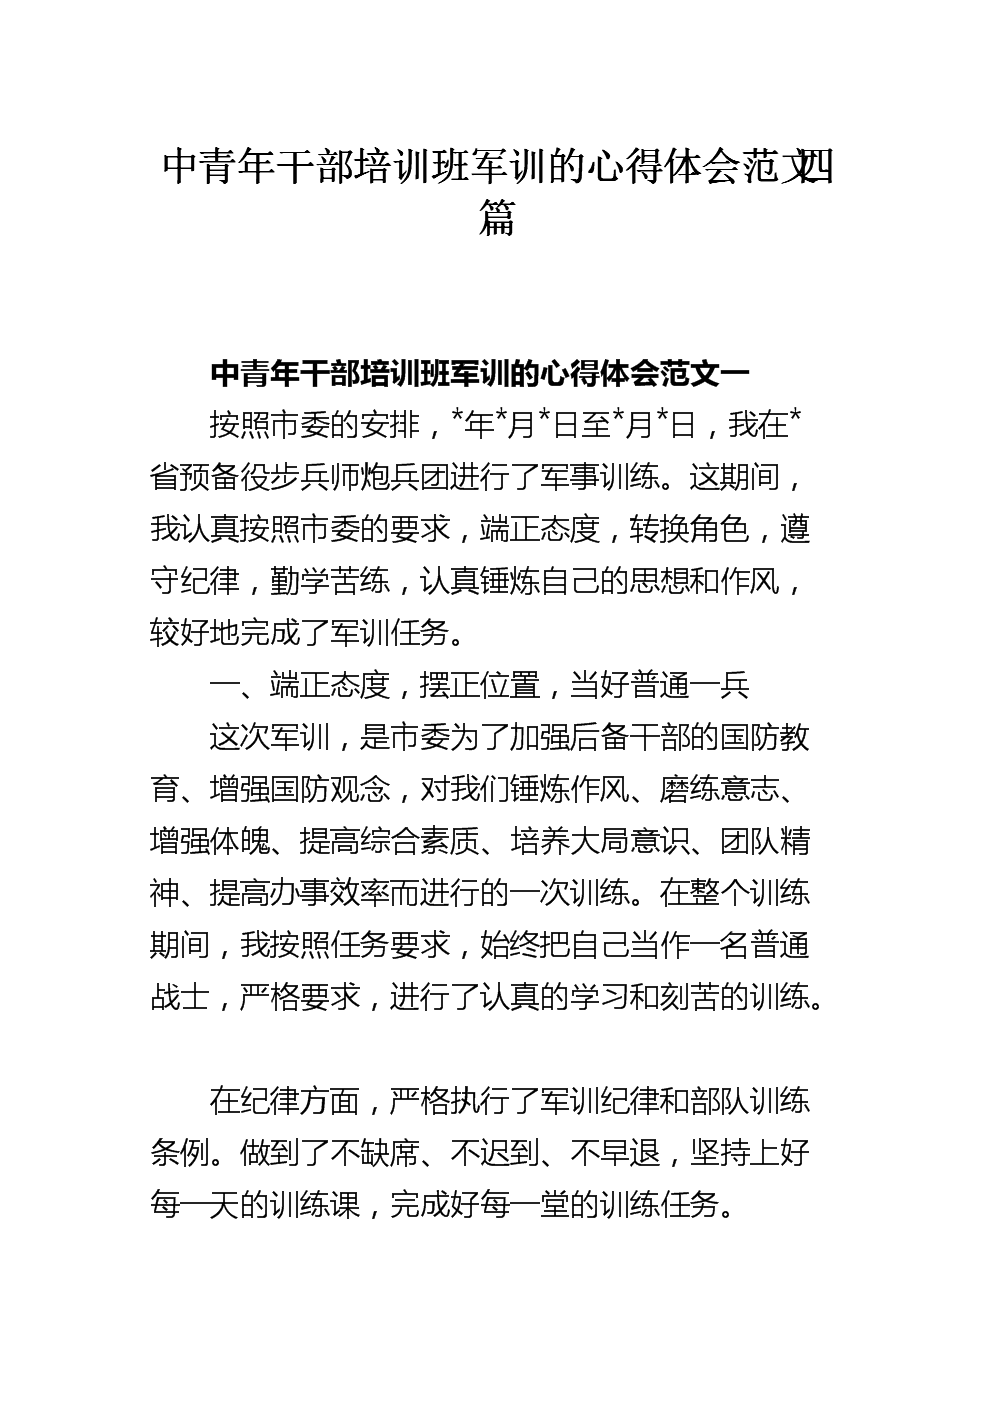 中青年干部培训班军训的心得体会范文四篇.docx